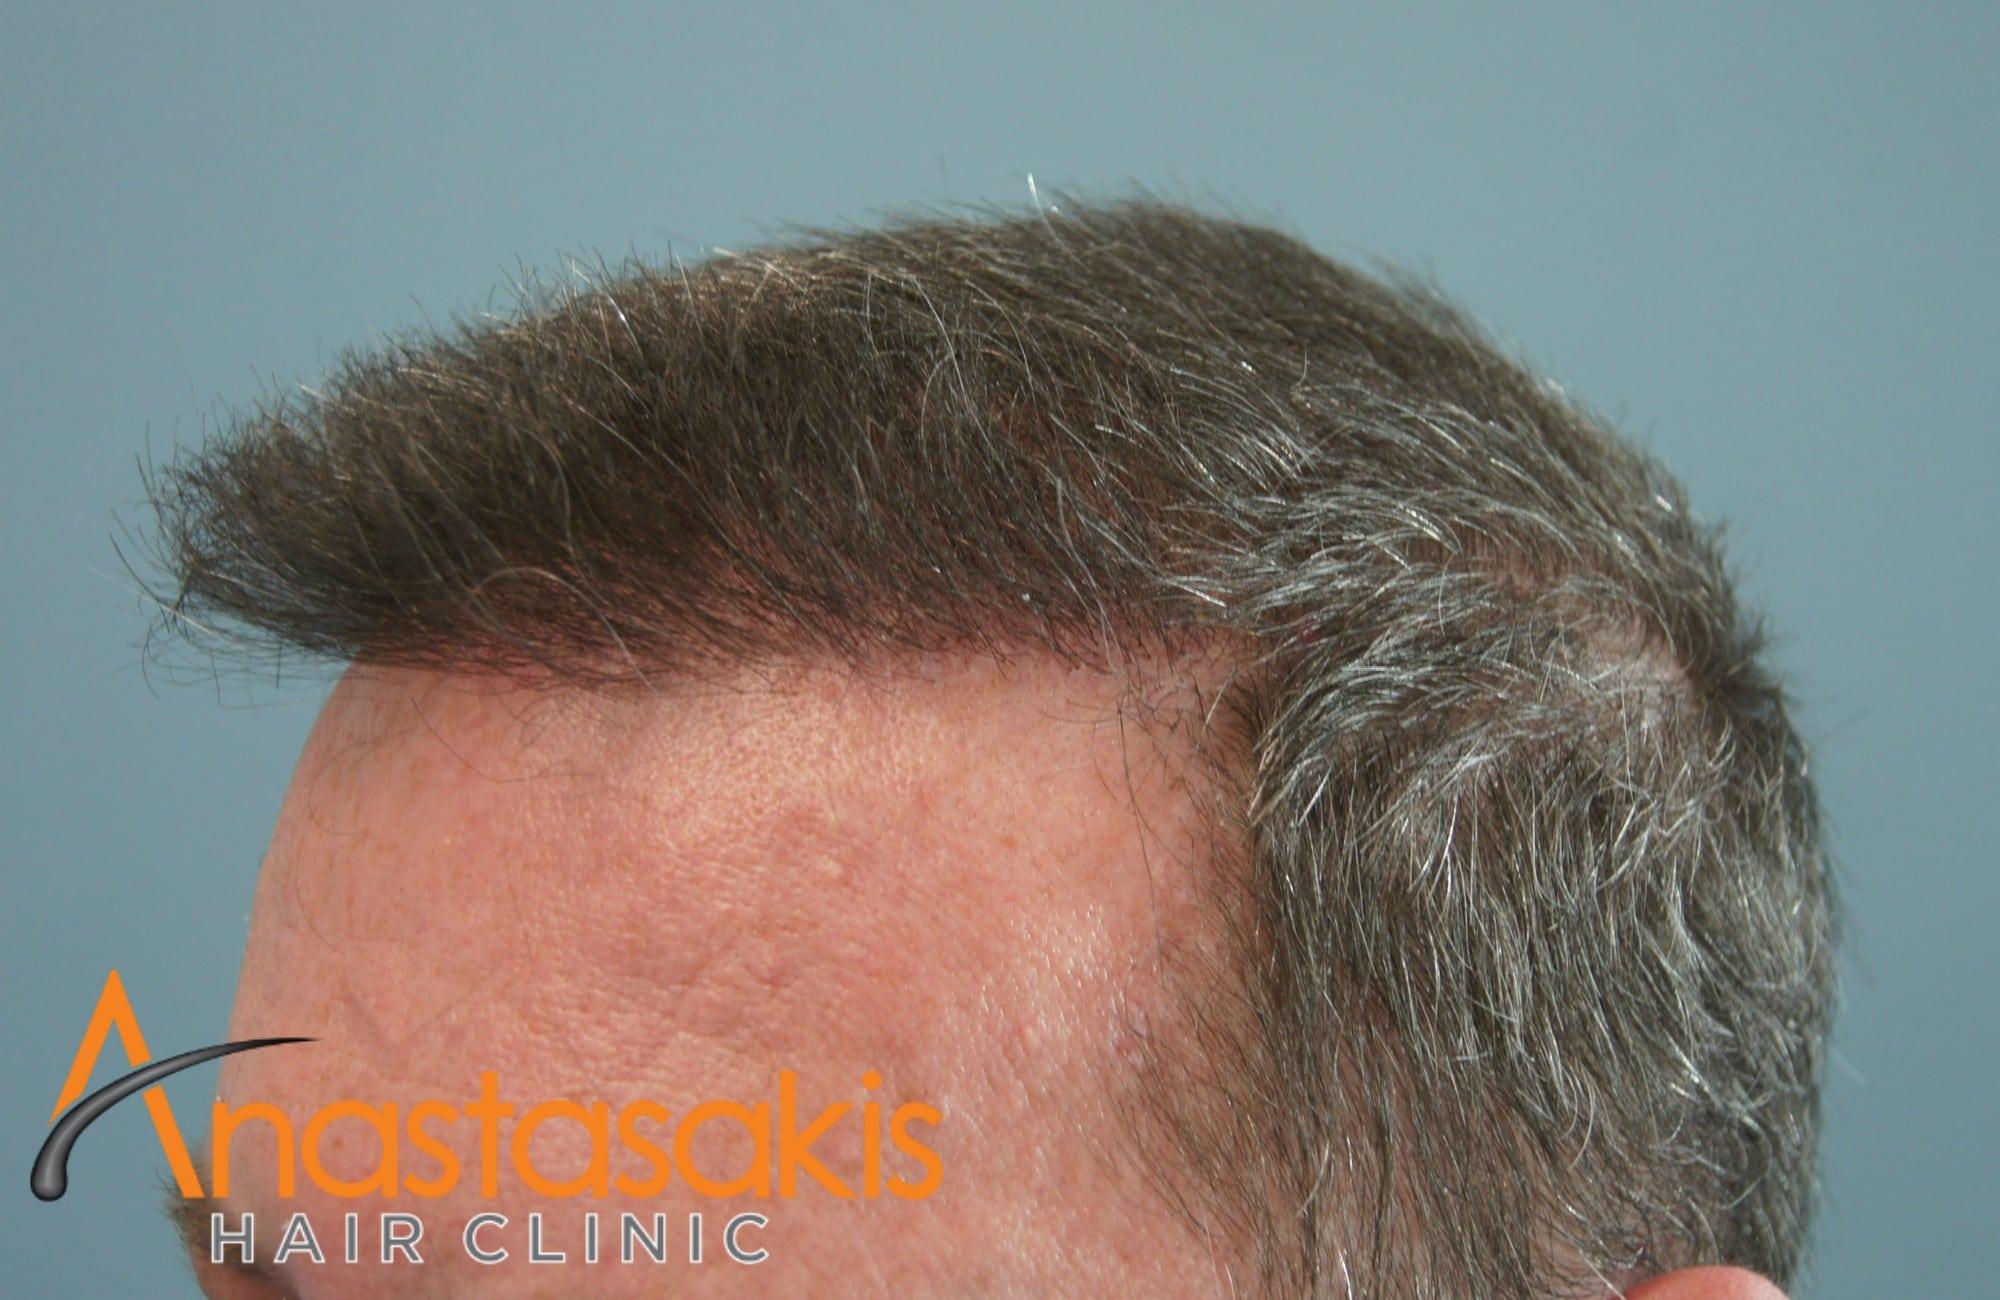 αριστερο προφιλ ασθενούς έπειτα από επέμβαση με 3000 Fus